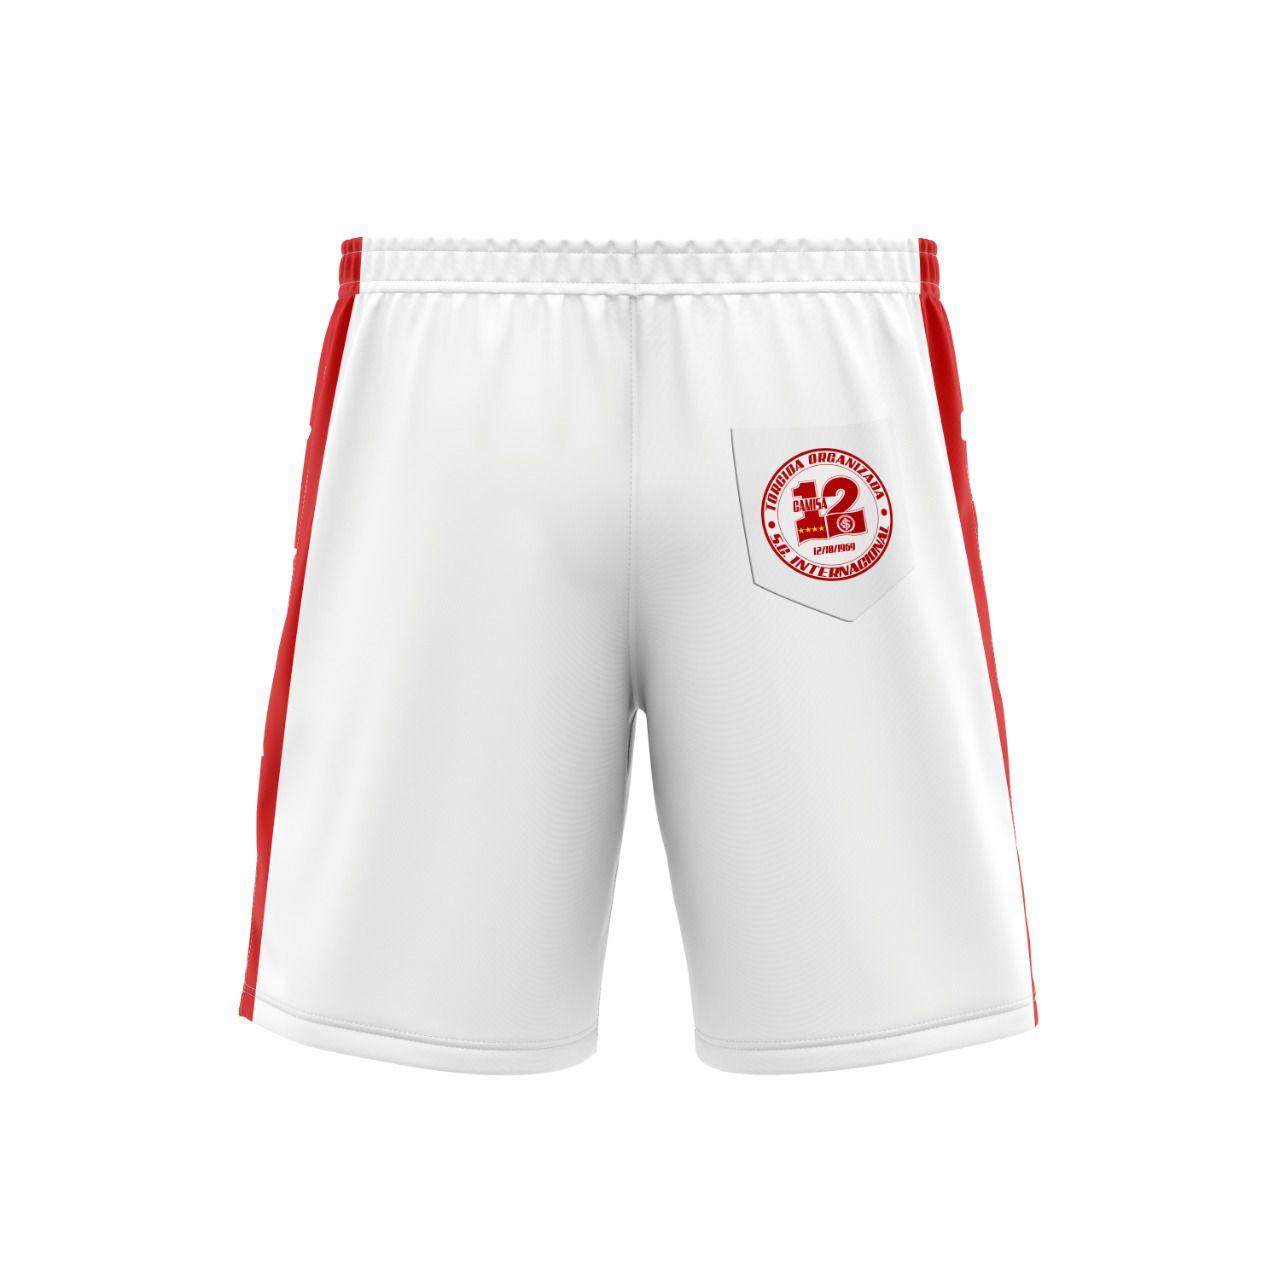 Bermuda da Camisa 12 Modelo 2020